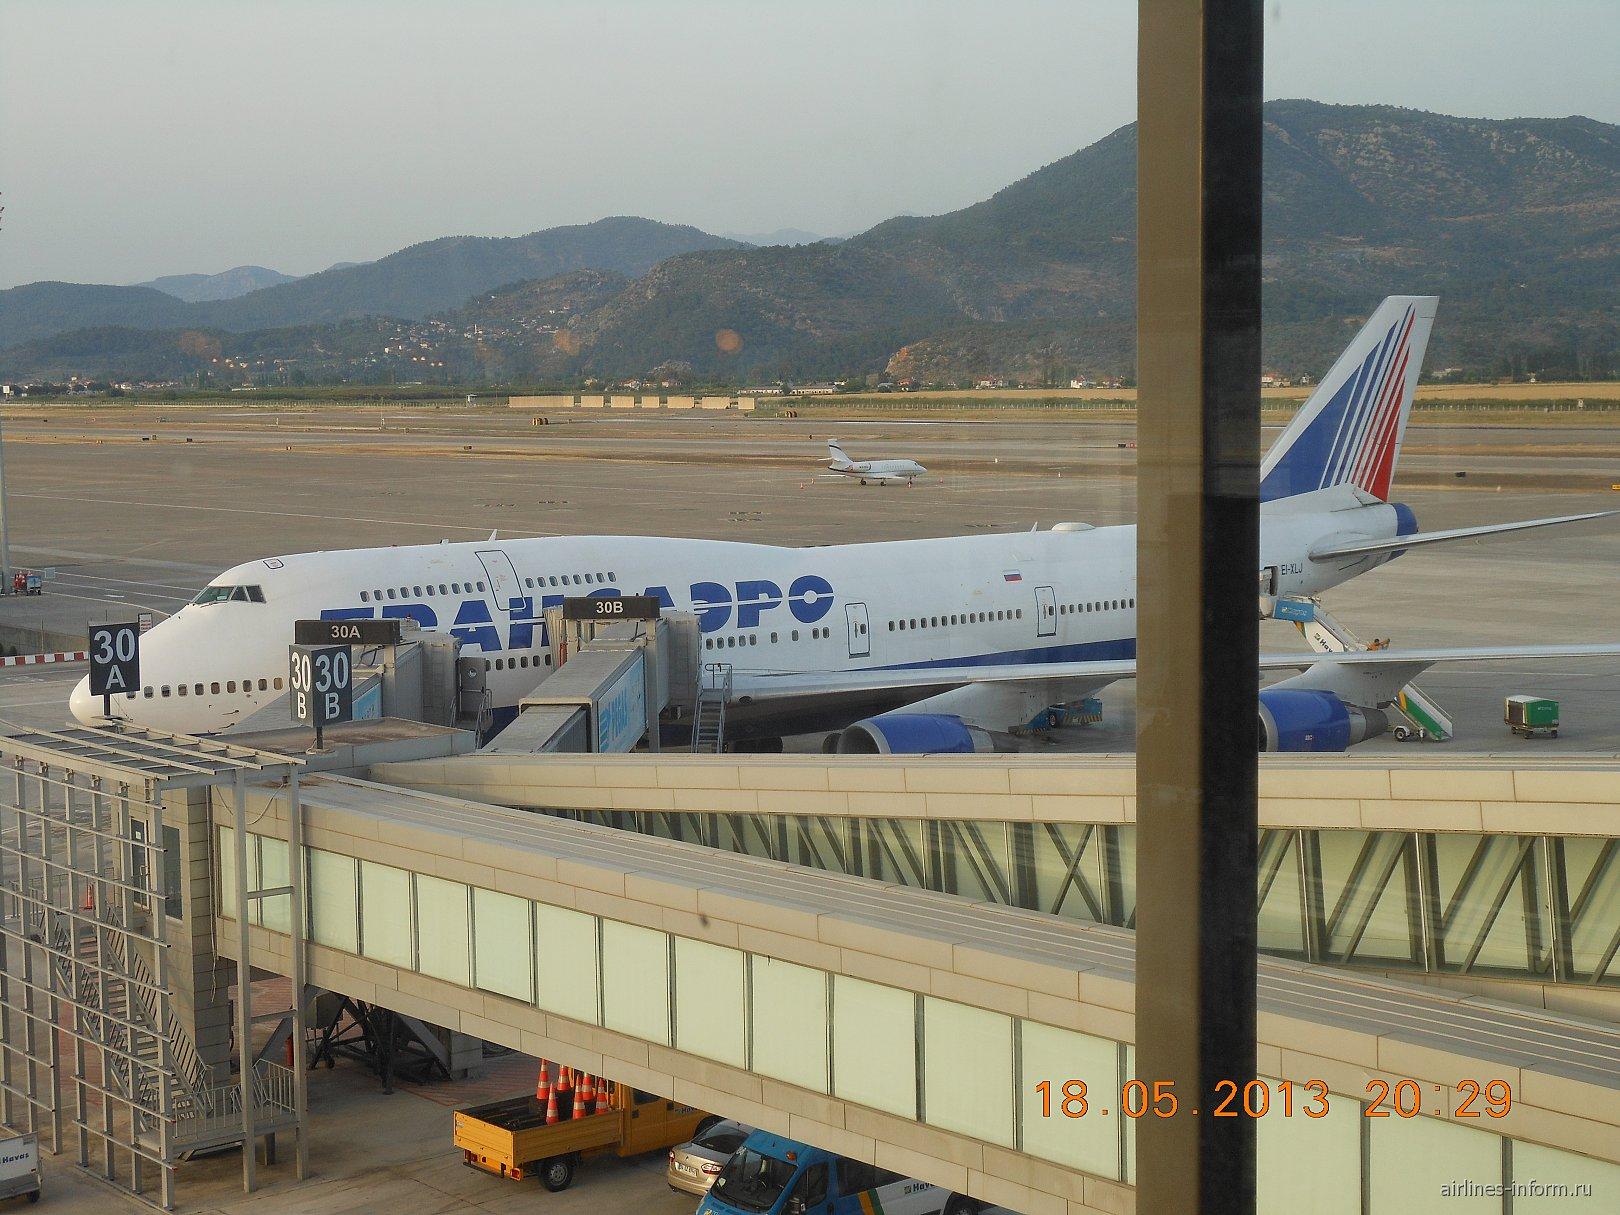 Перрон аэропорта Даламан. Боинг-747-400 Трансаэро EI-XLJ